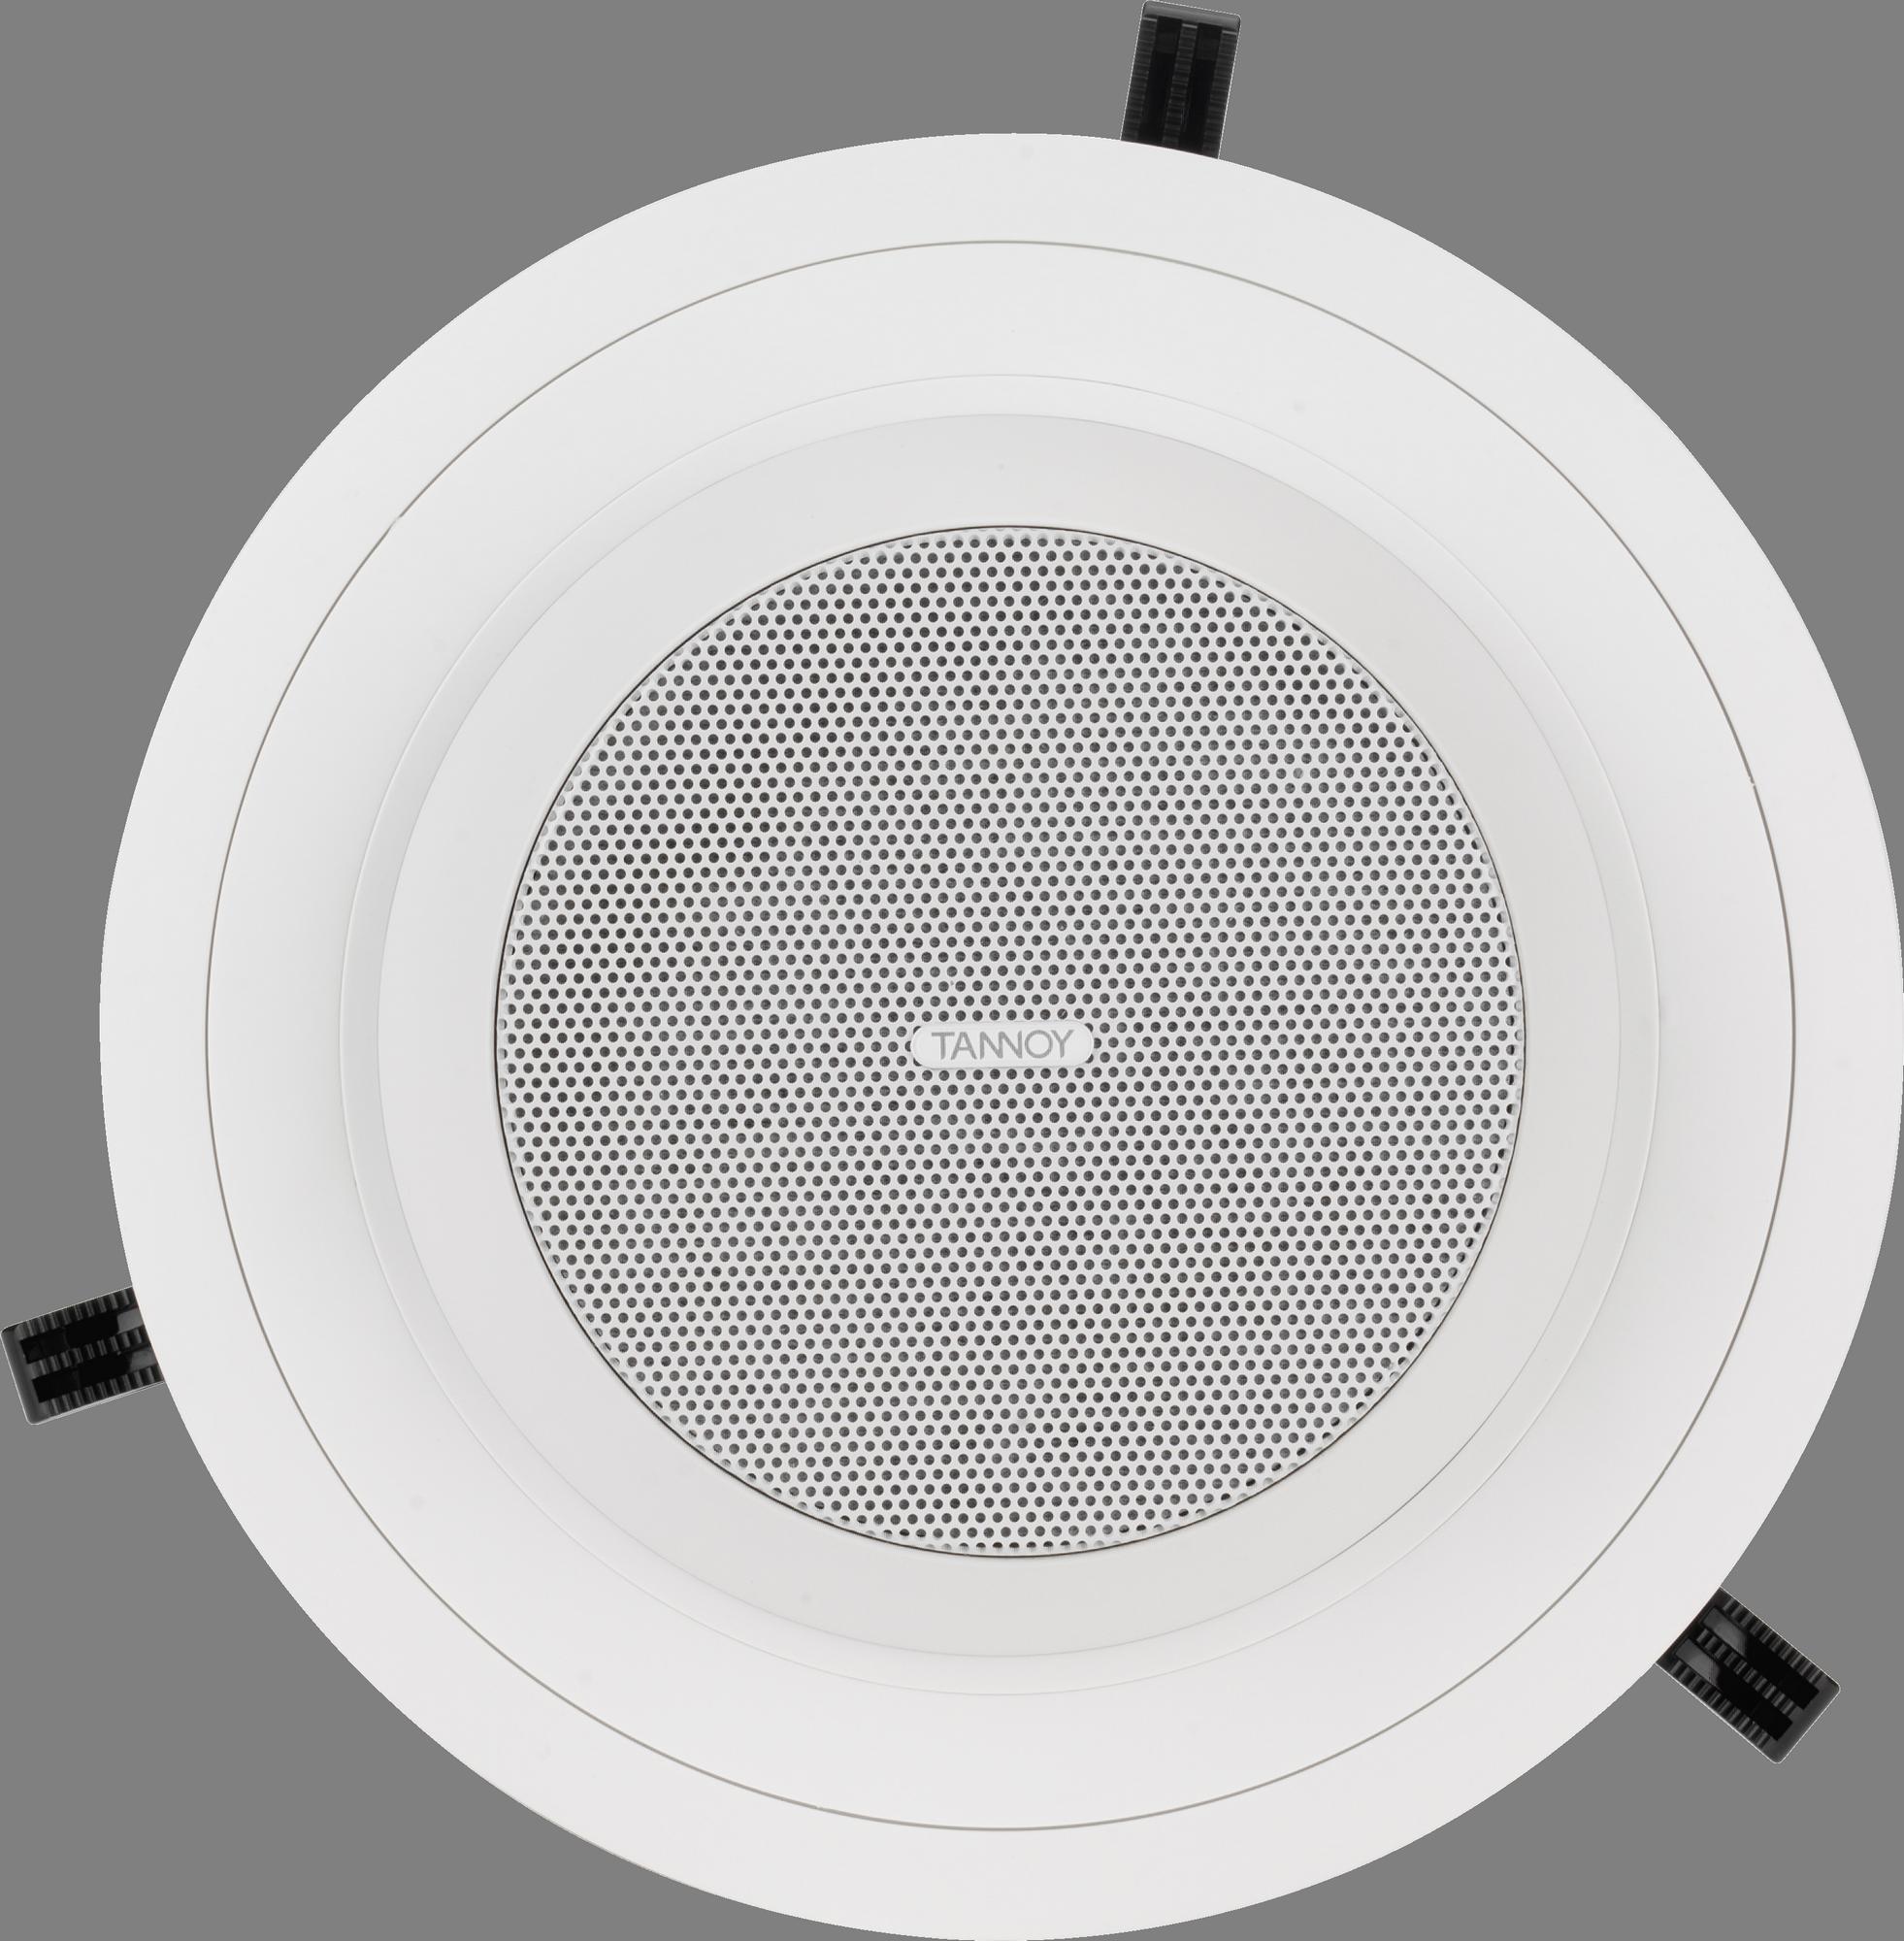 Tannoy  CMS 403ICTE - Full Range Directional Ceiling Loudspeaker